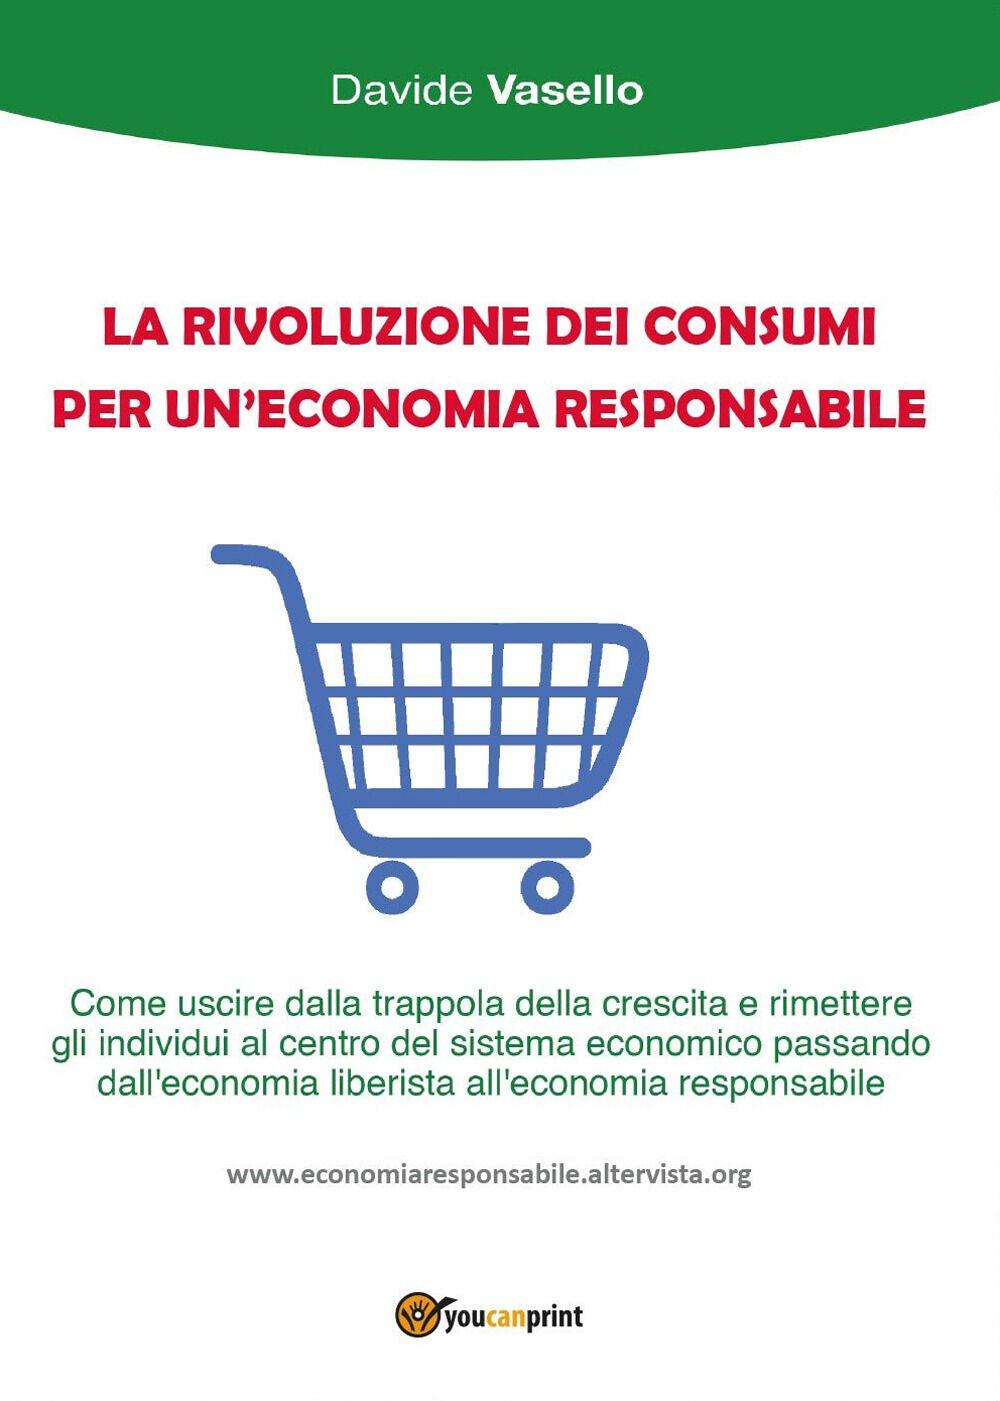 La rivoluzione dei consumi per un'economia responsabile